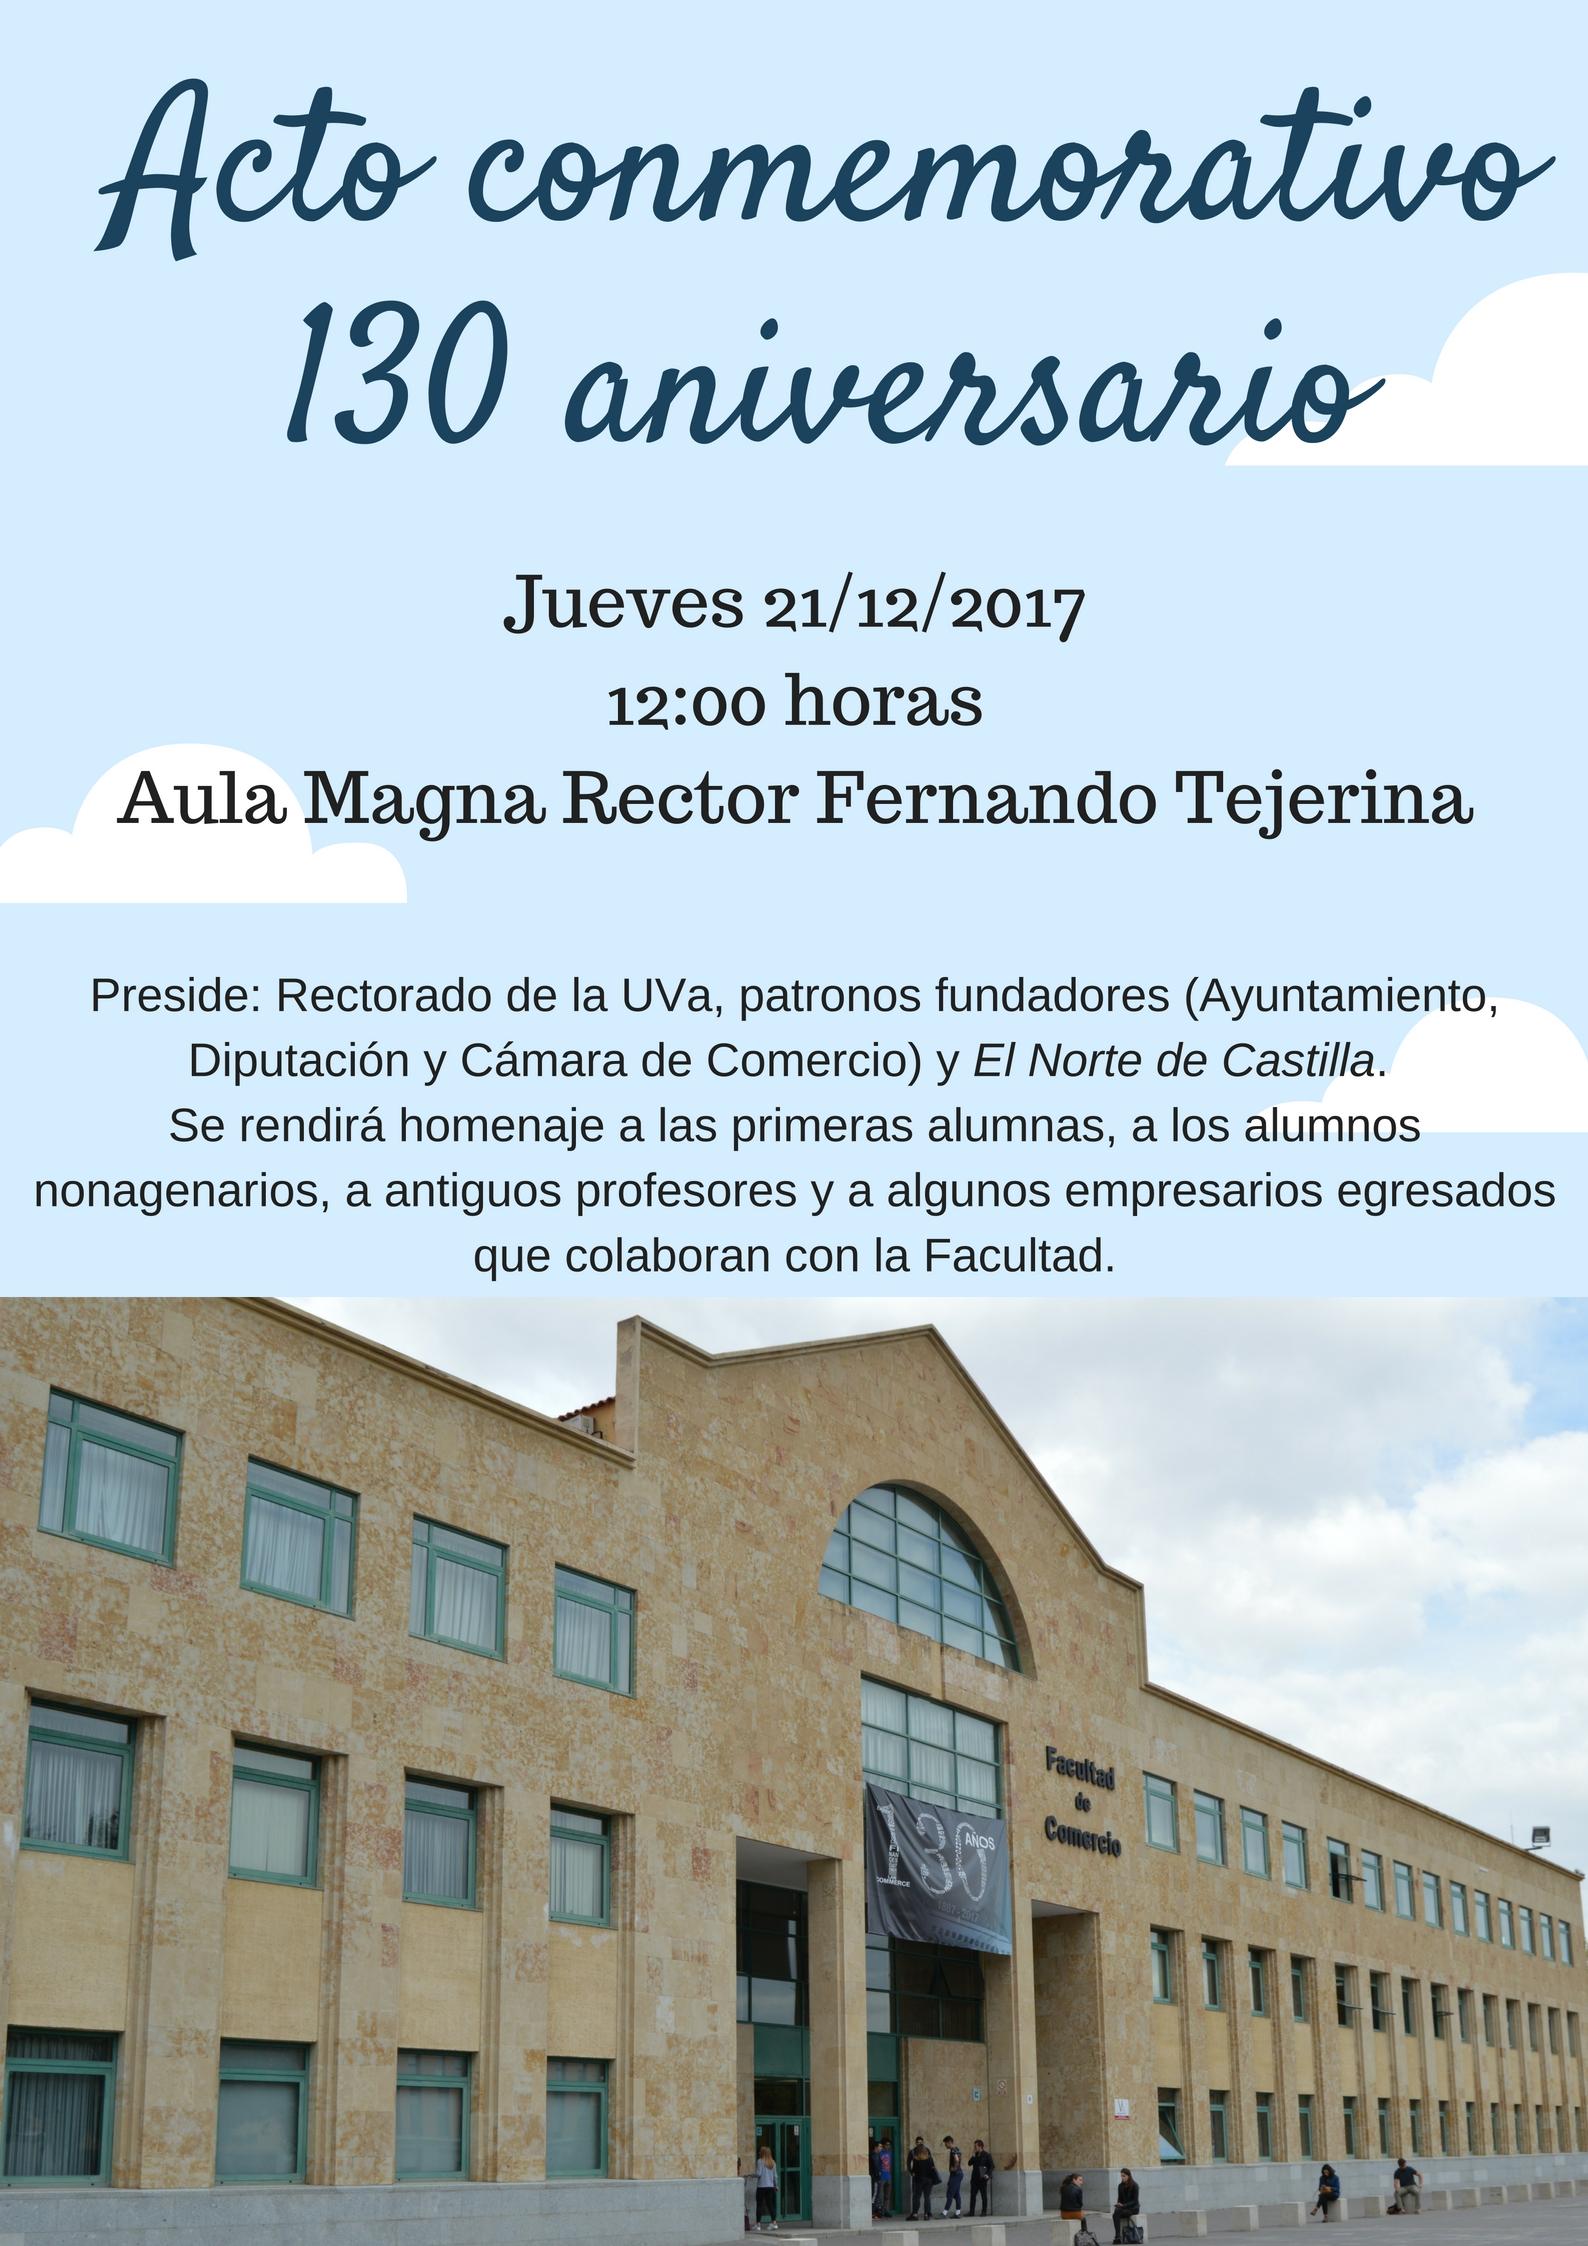 130 aniversario Facultad de Comercio